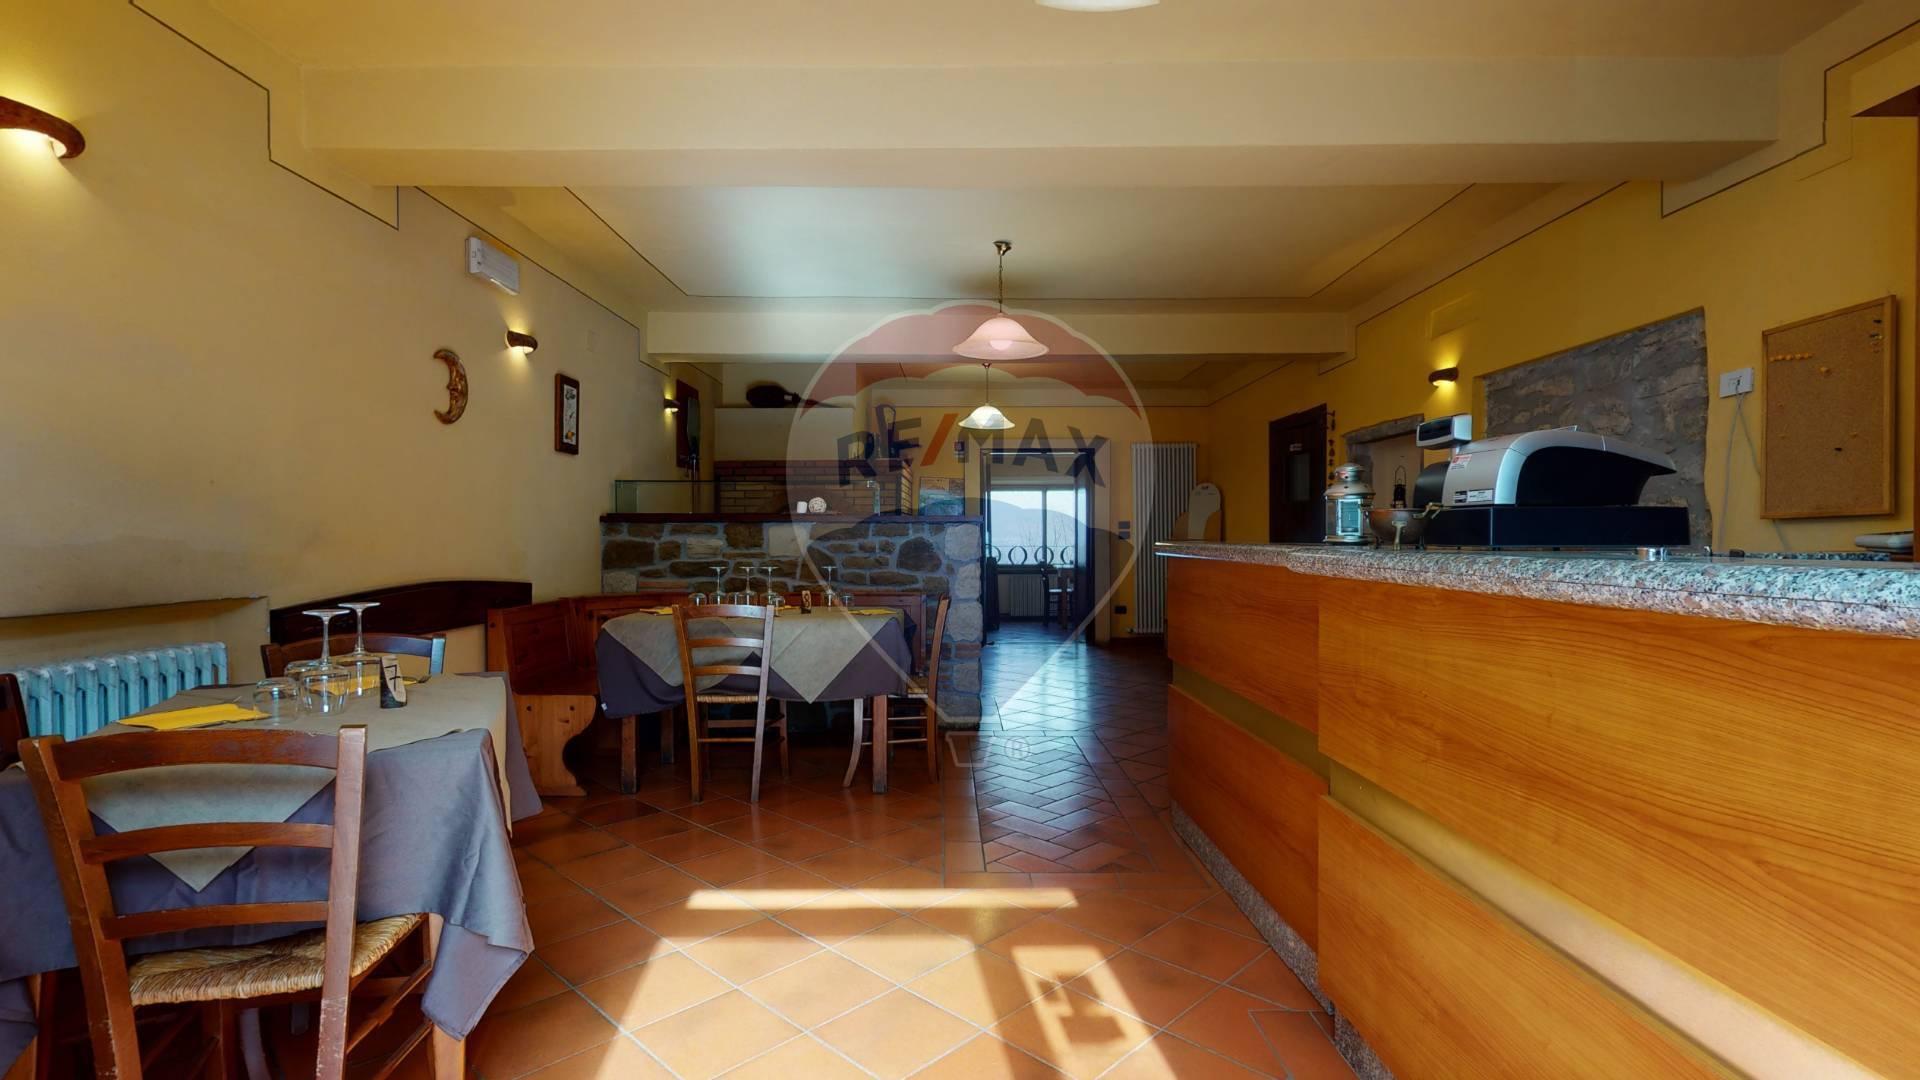 Ristorante / Pizzeria / Trattoria in affitto a Careggine, 23 locali, prezzo € 1.500 | CambioCasa.it